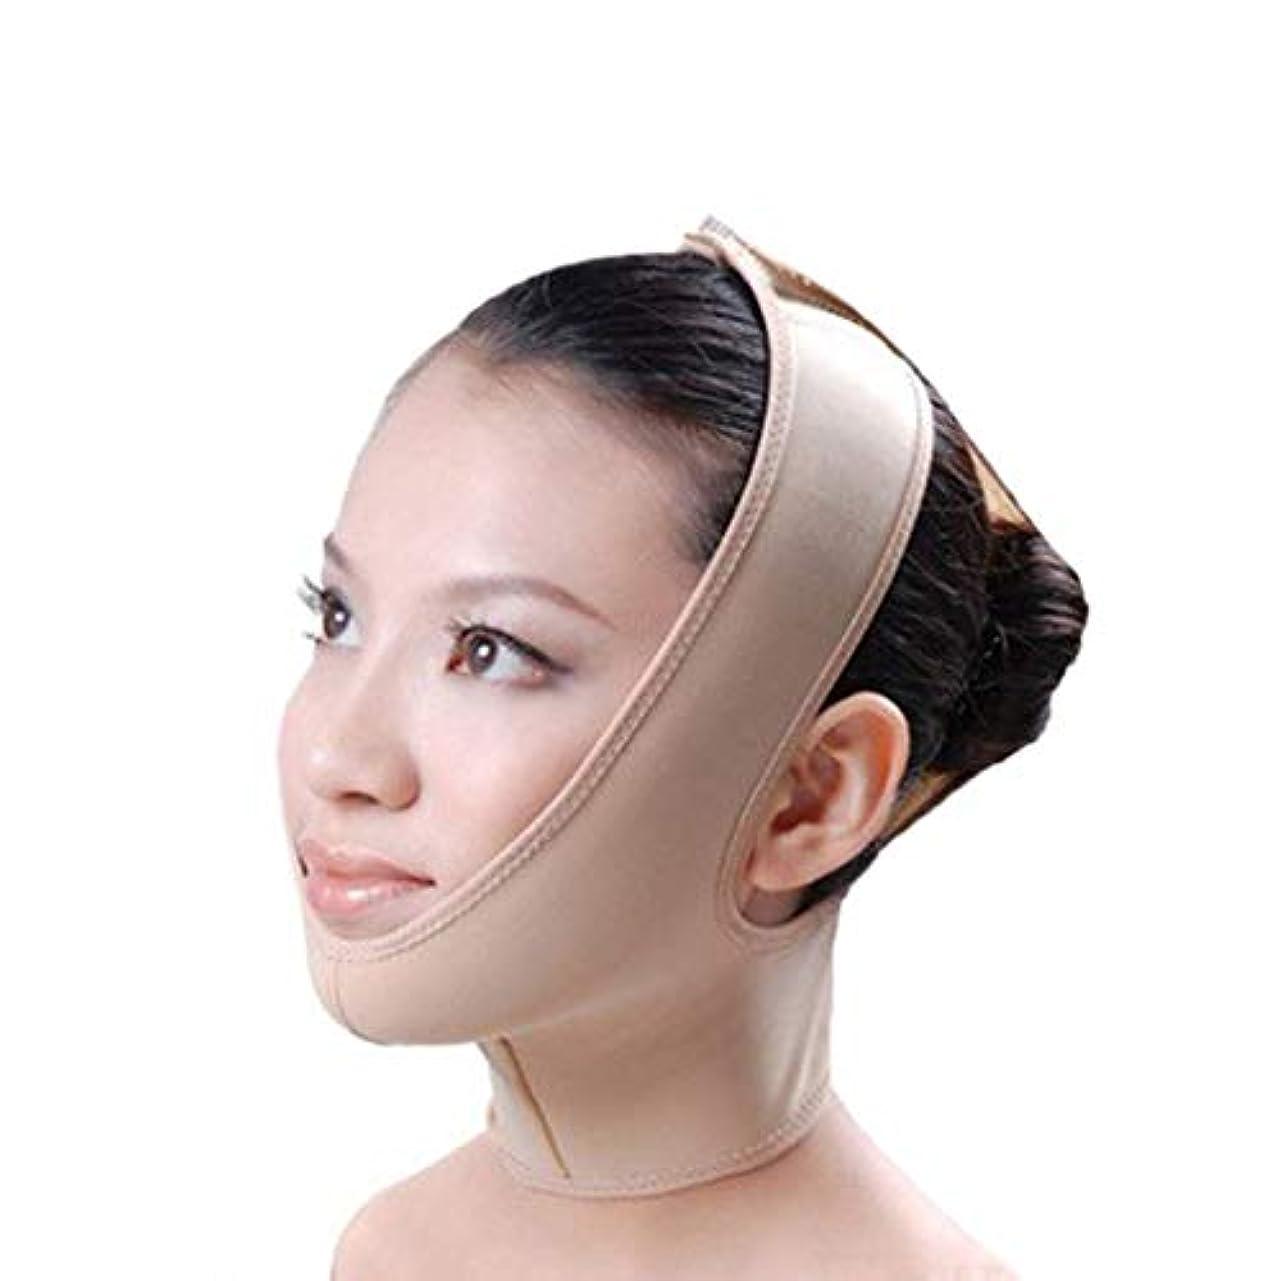 水っぽい男組み立てるフェイススリム、リフティングマスク、包帯リフト、二重あご、引き締めフェイシャルリフト、フェイシャル減量マスク、リフティングスキン包帯(サイズ:XL),M